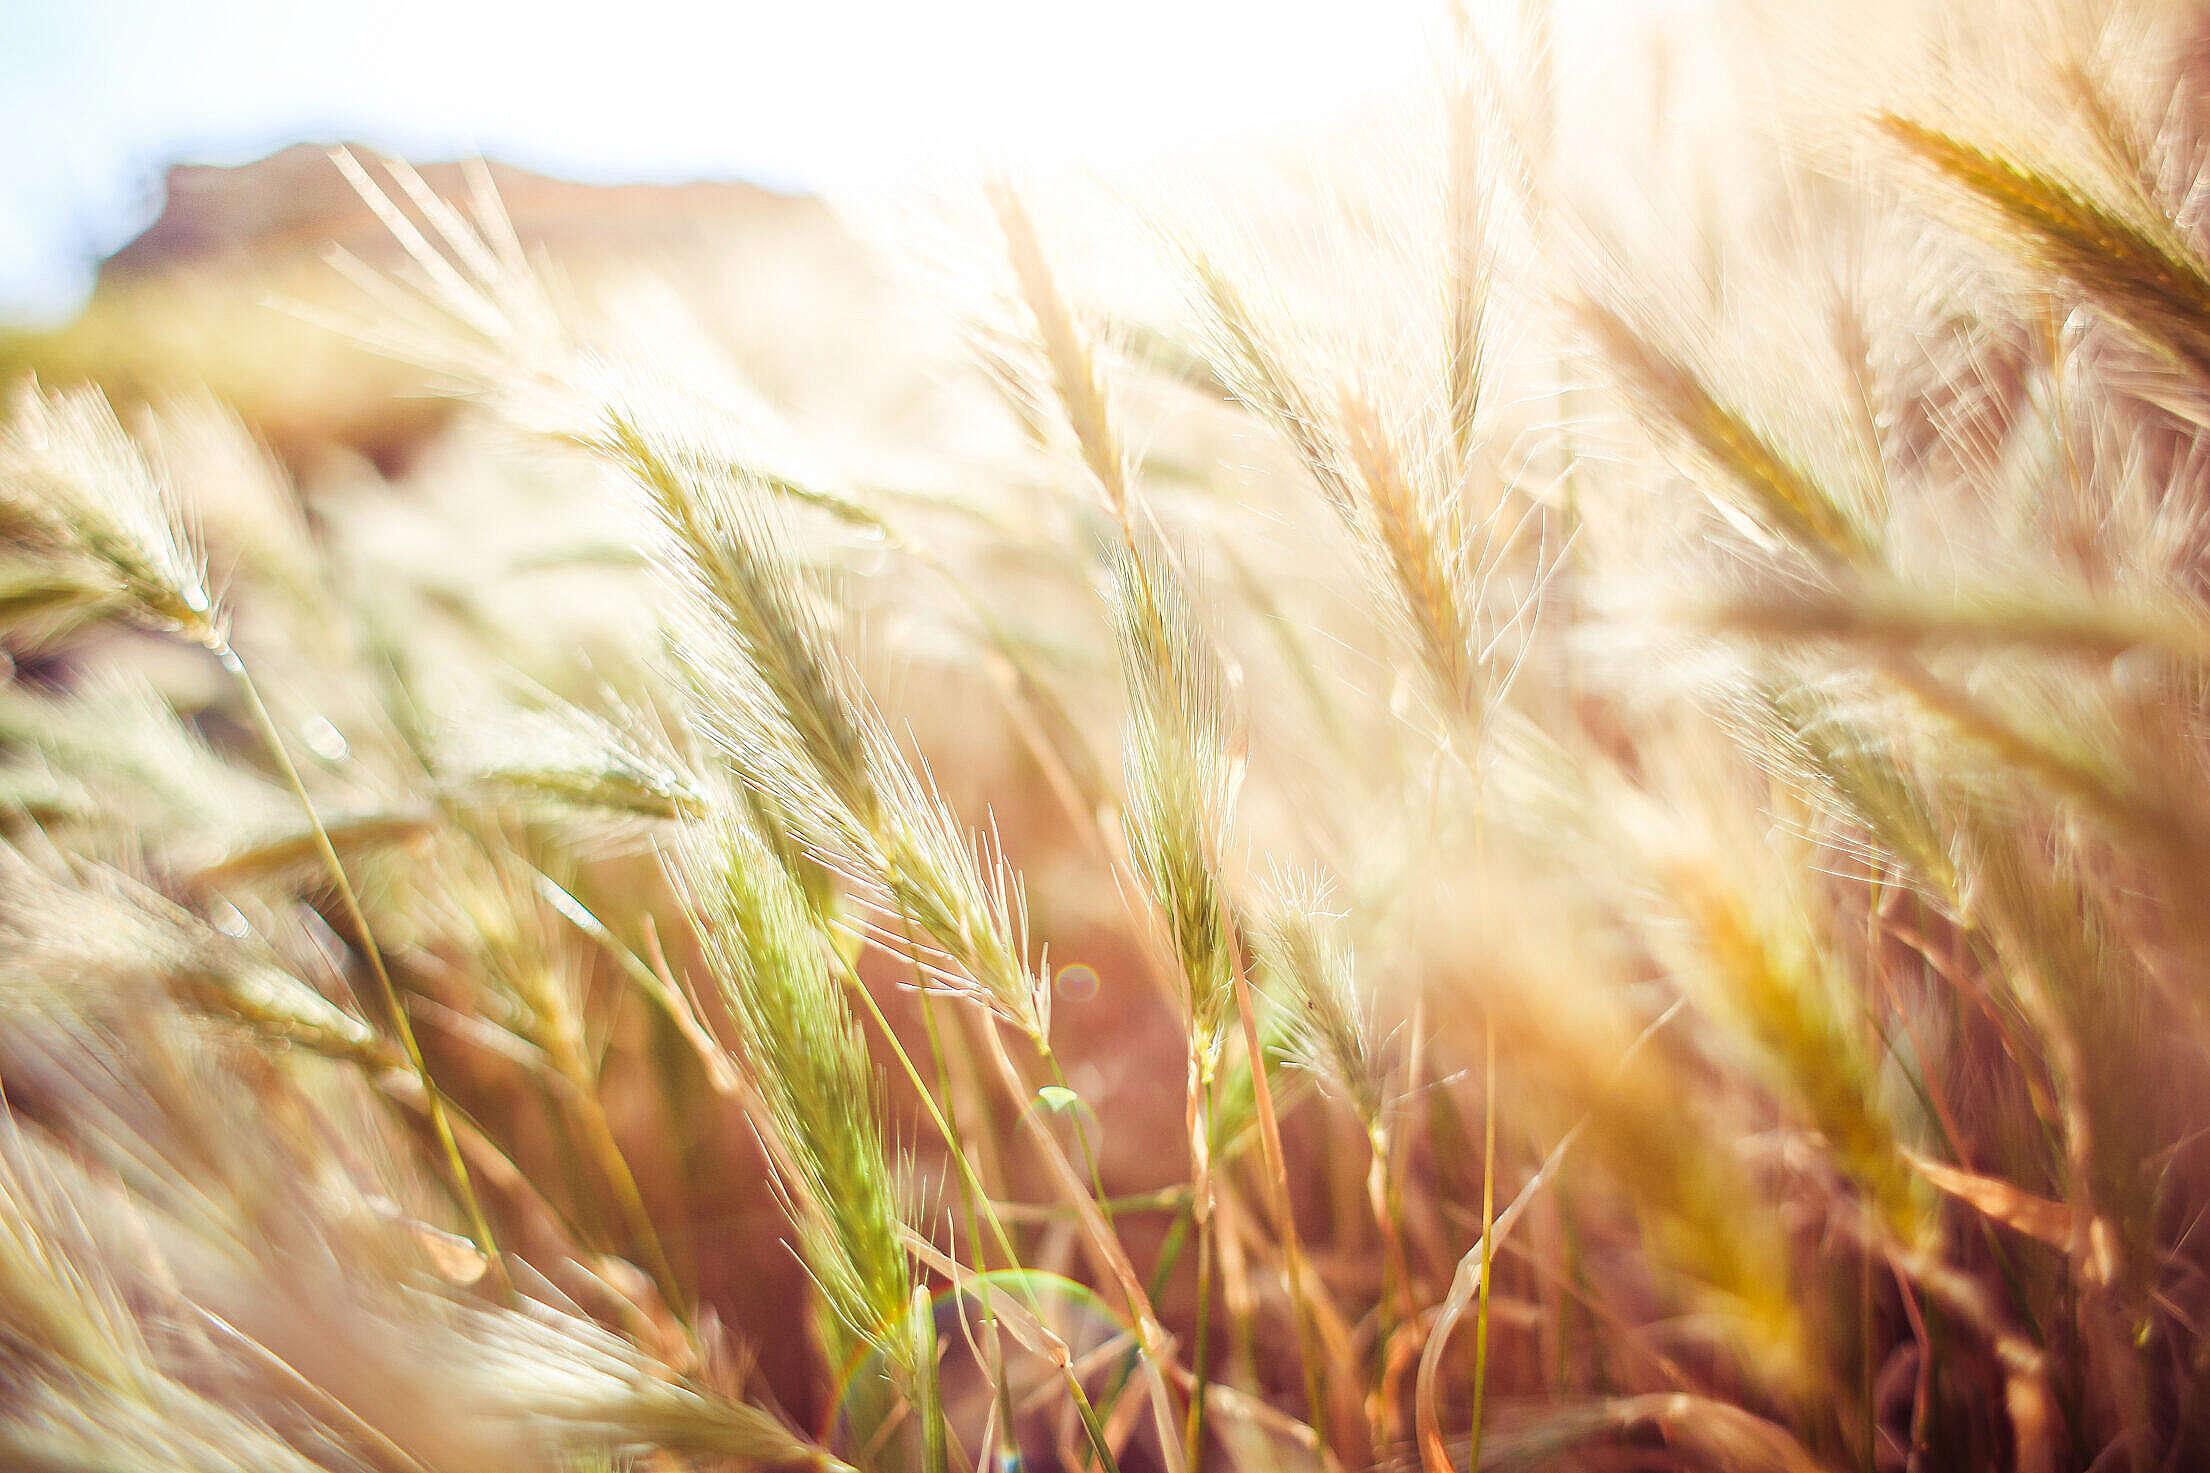 Wheat Close Up Free Stock Photo